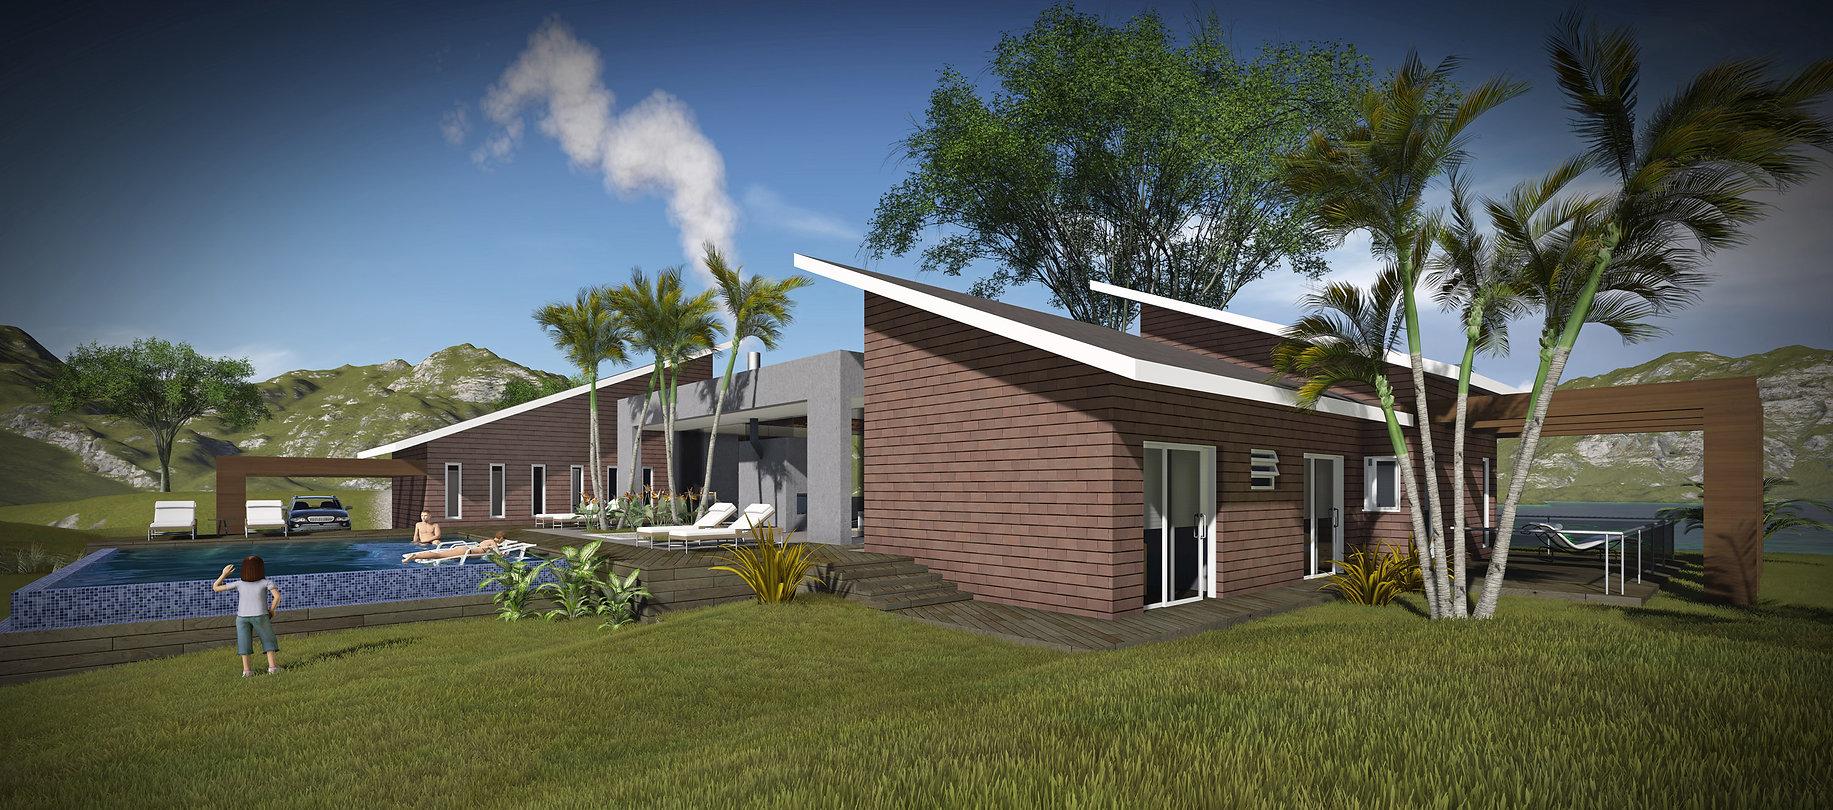 RoseckáZequinão - Arquitetura residencial | Residência Serra do mar